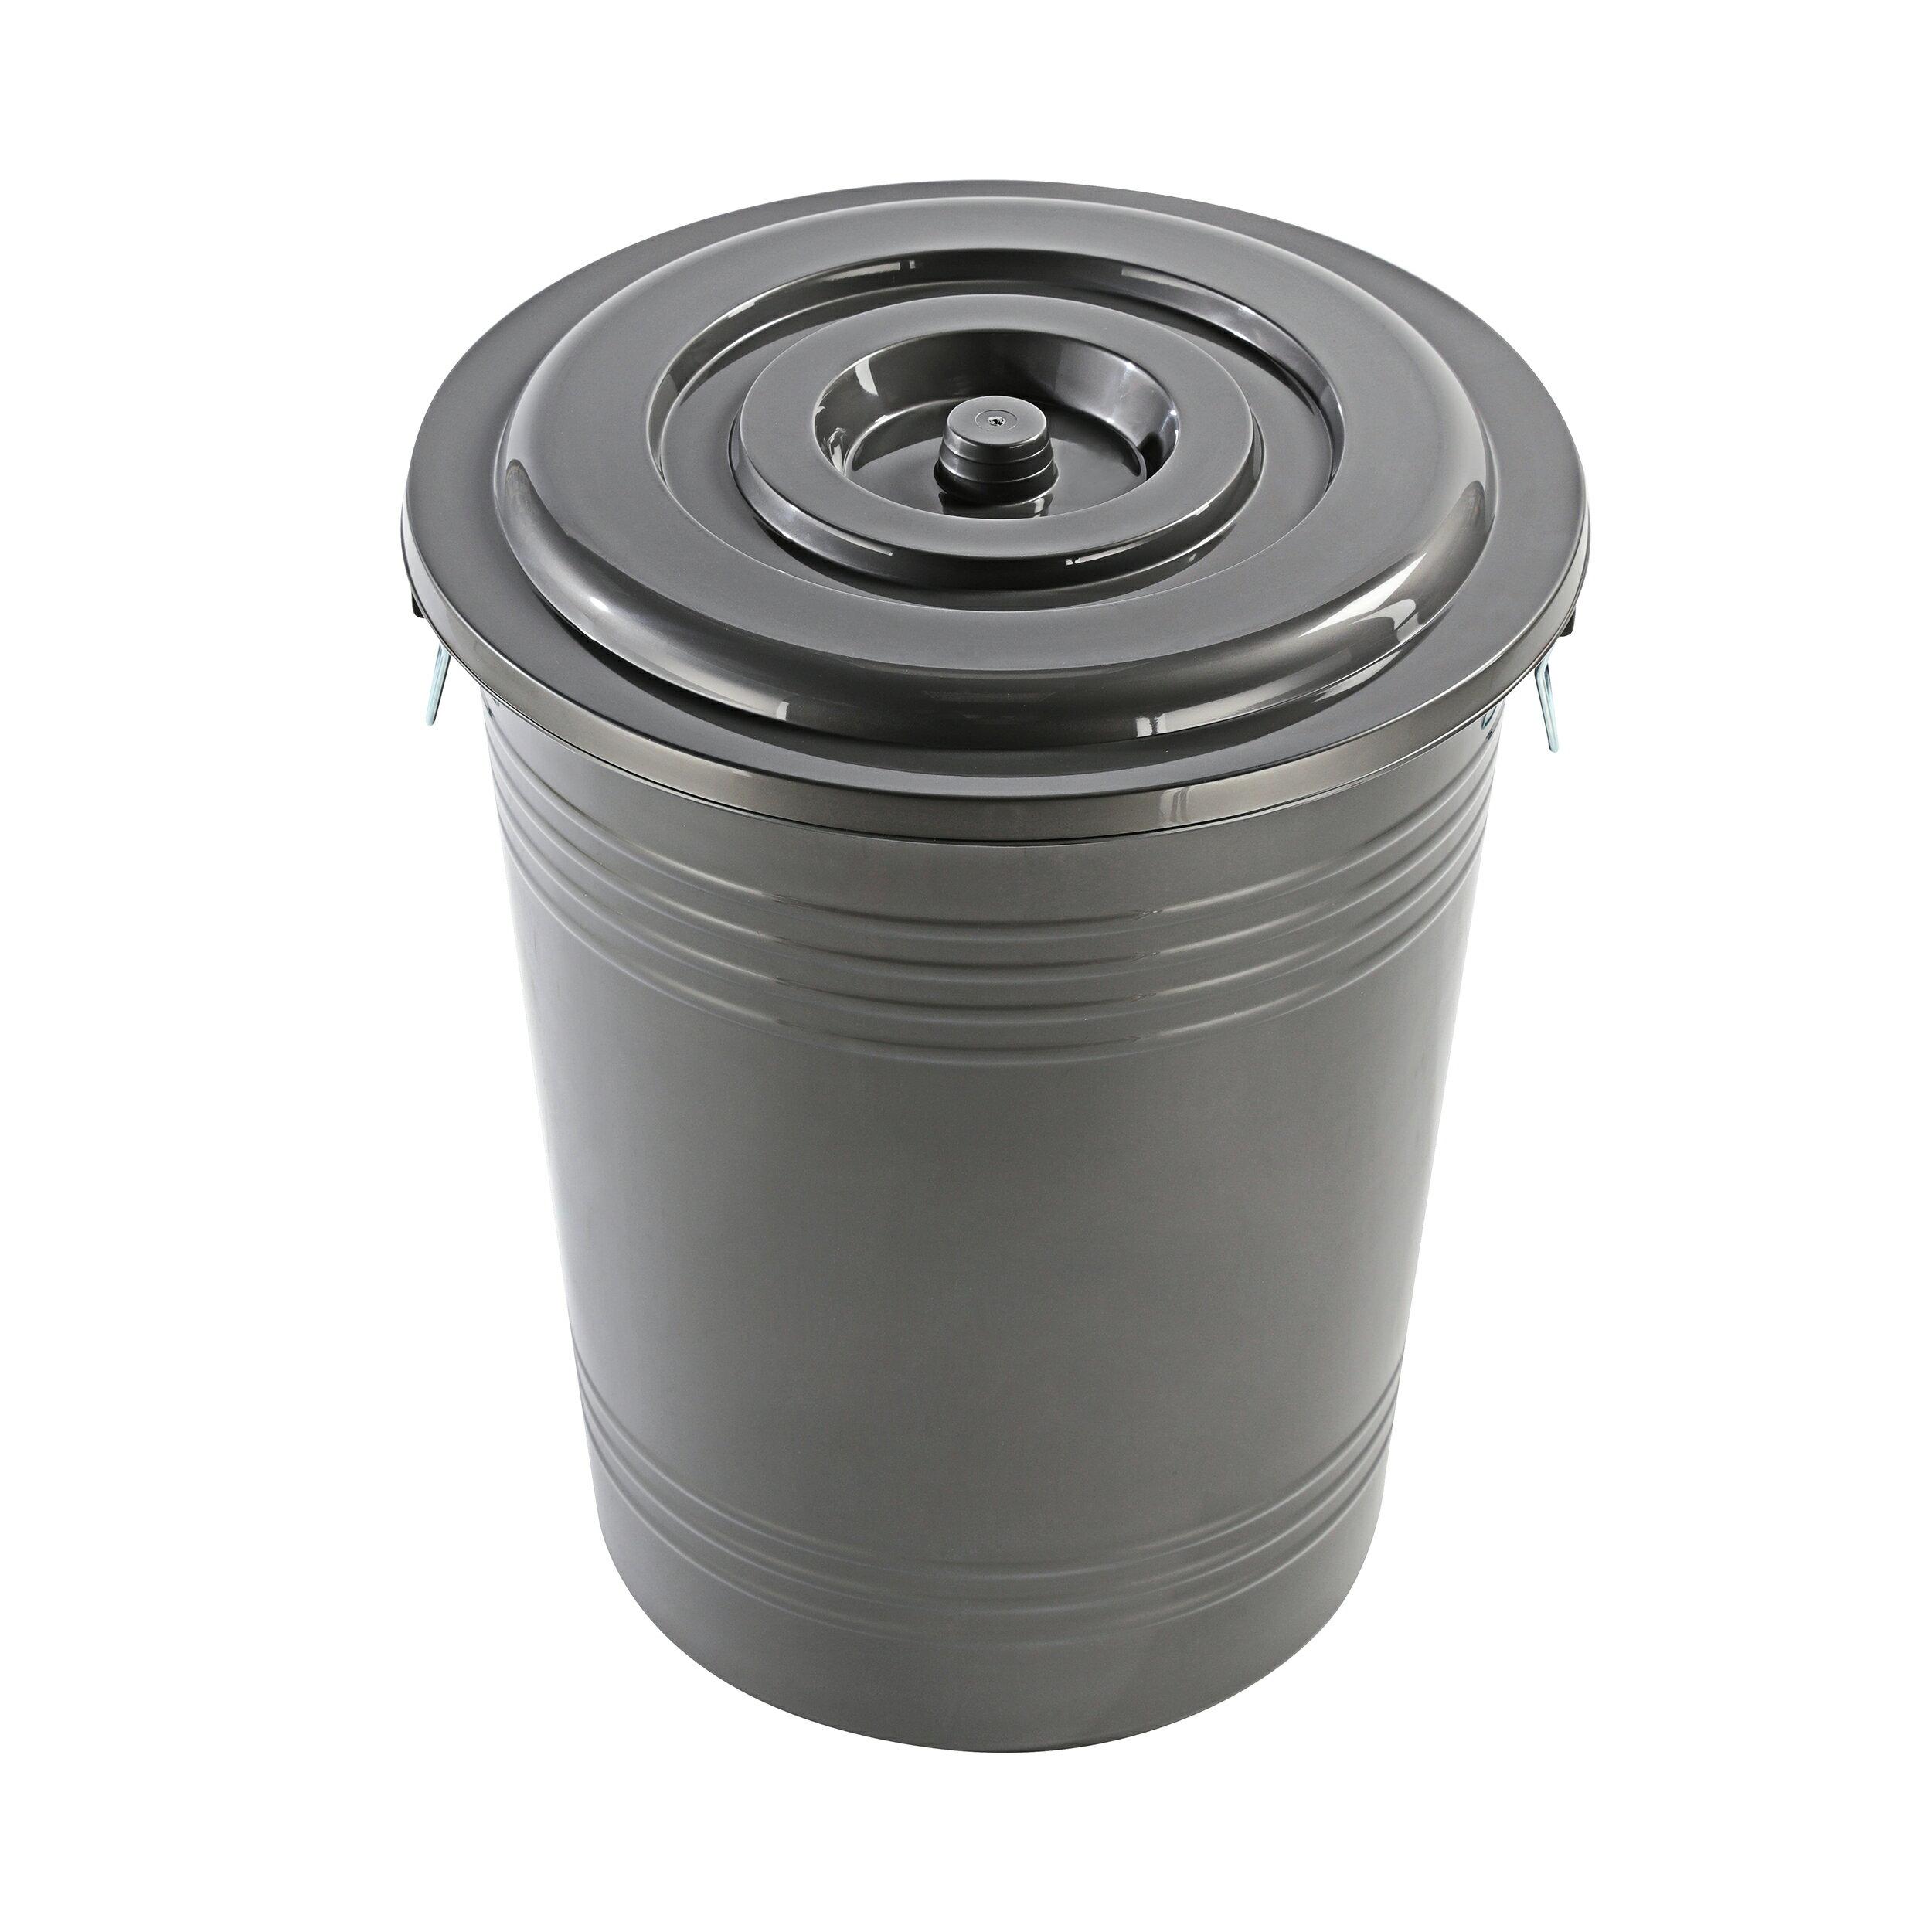 多功能萬用桶/MIT台灣製造 銀釆106L萬能桶CN-106 KEYWAY聯府